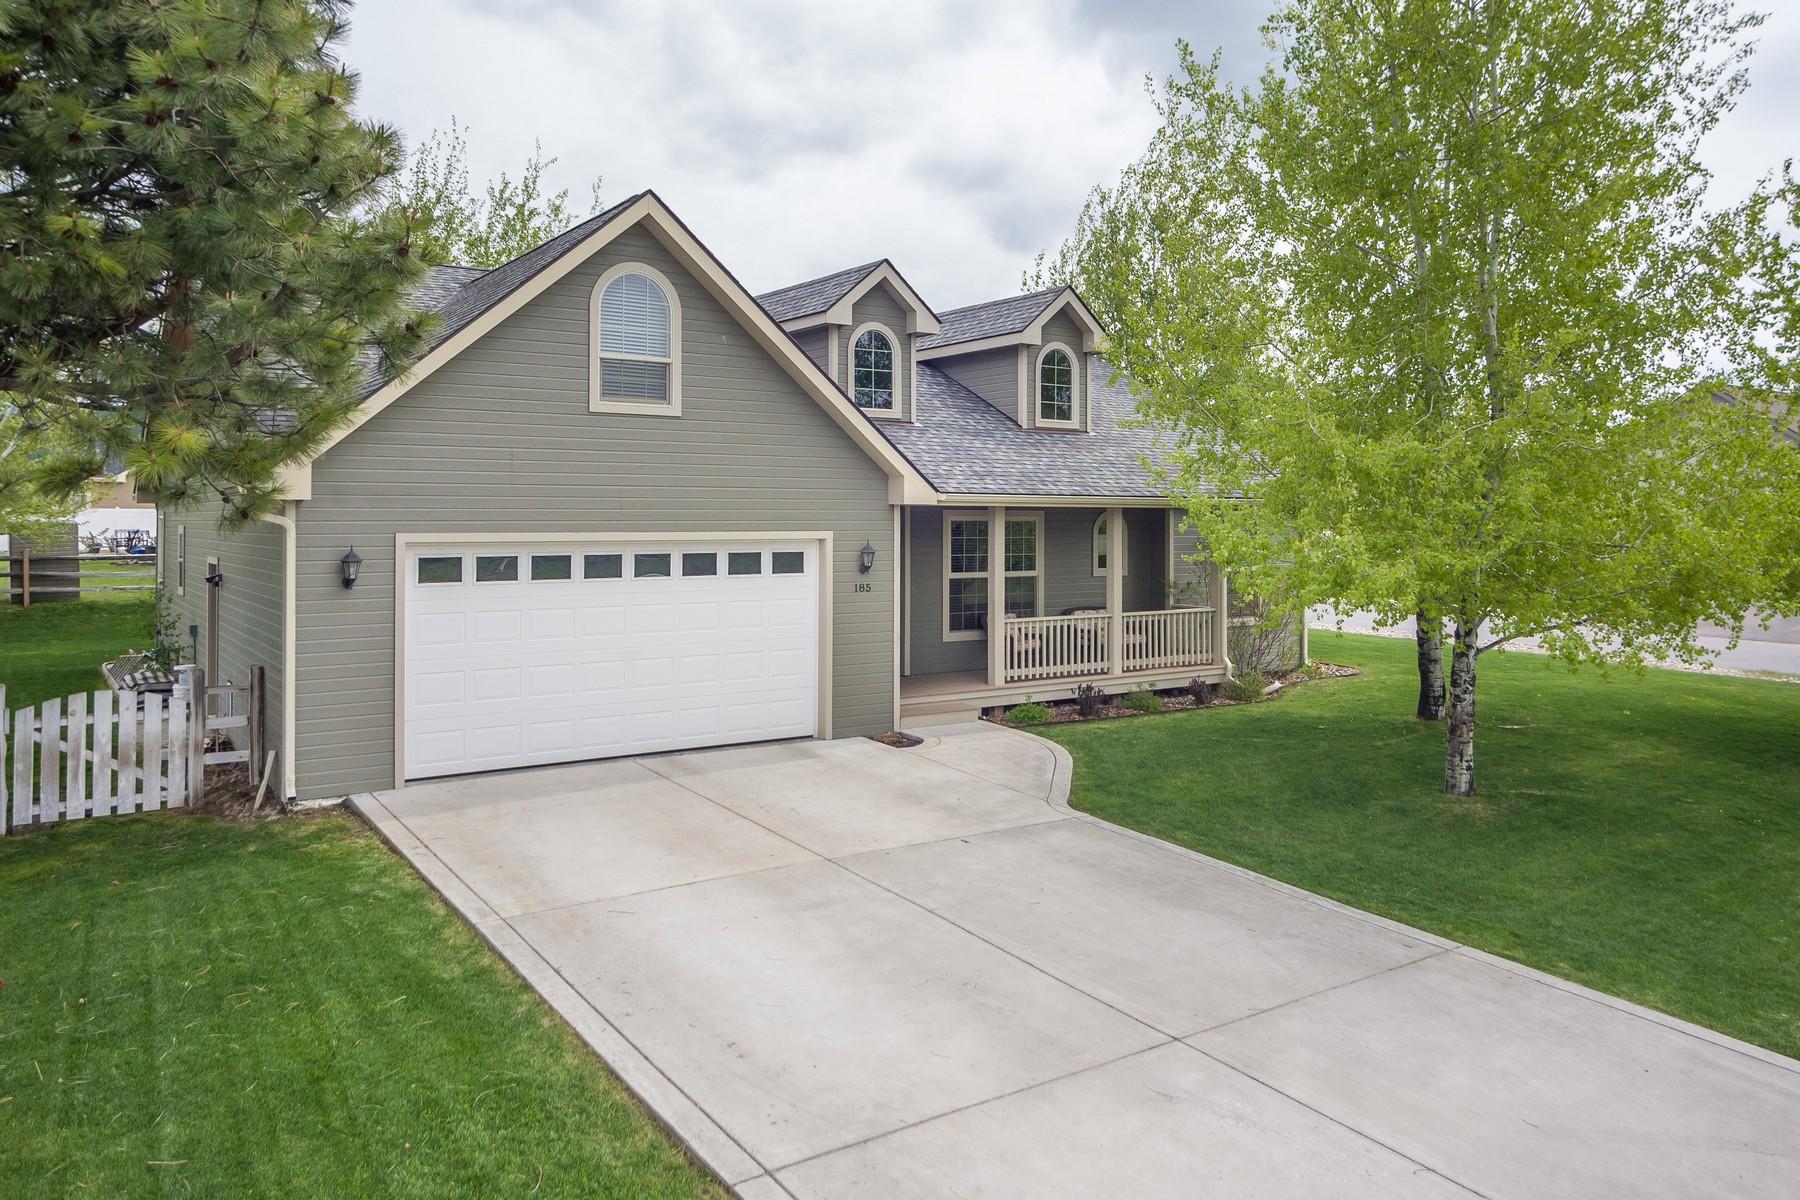 Maison unifamiliale pour l Vente à 185 N Crestview Terrance Bigfork, Montana, 59911 États-Unis